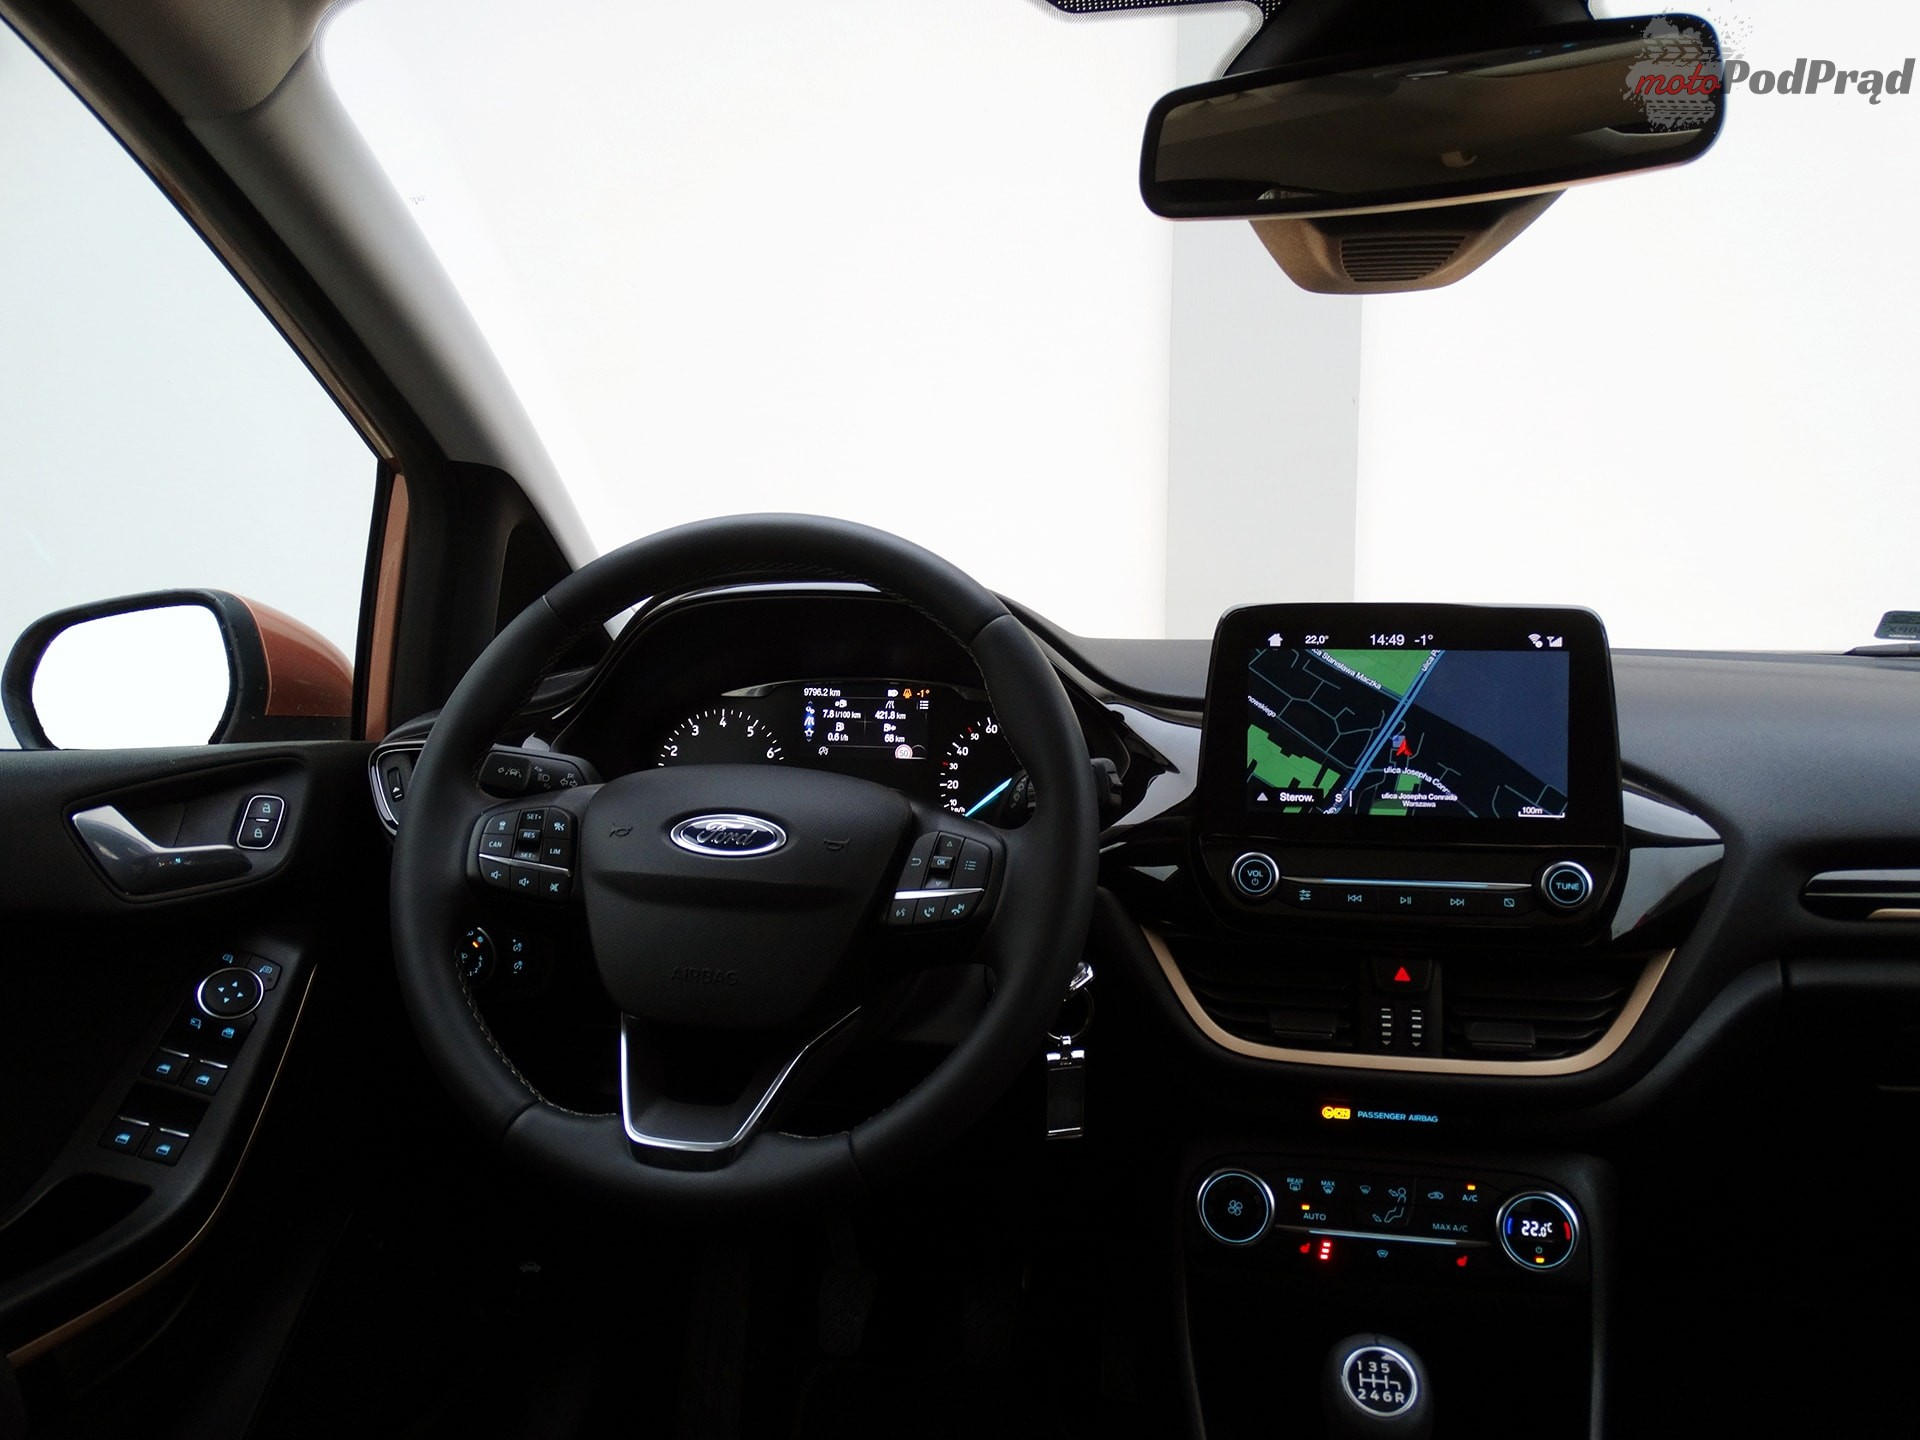 ford fiesta 10 Test: Ford Fiesta Titanium 1.0 EcoBoost 125 KM   ani trochę obiektywnie